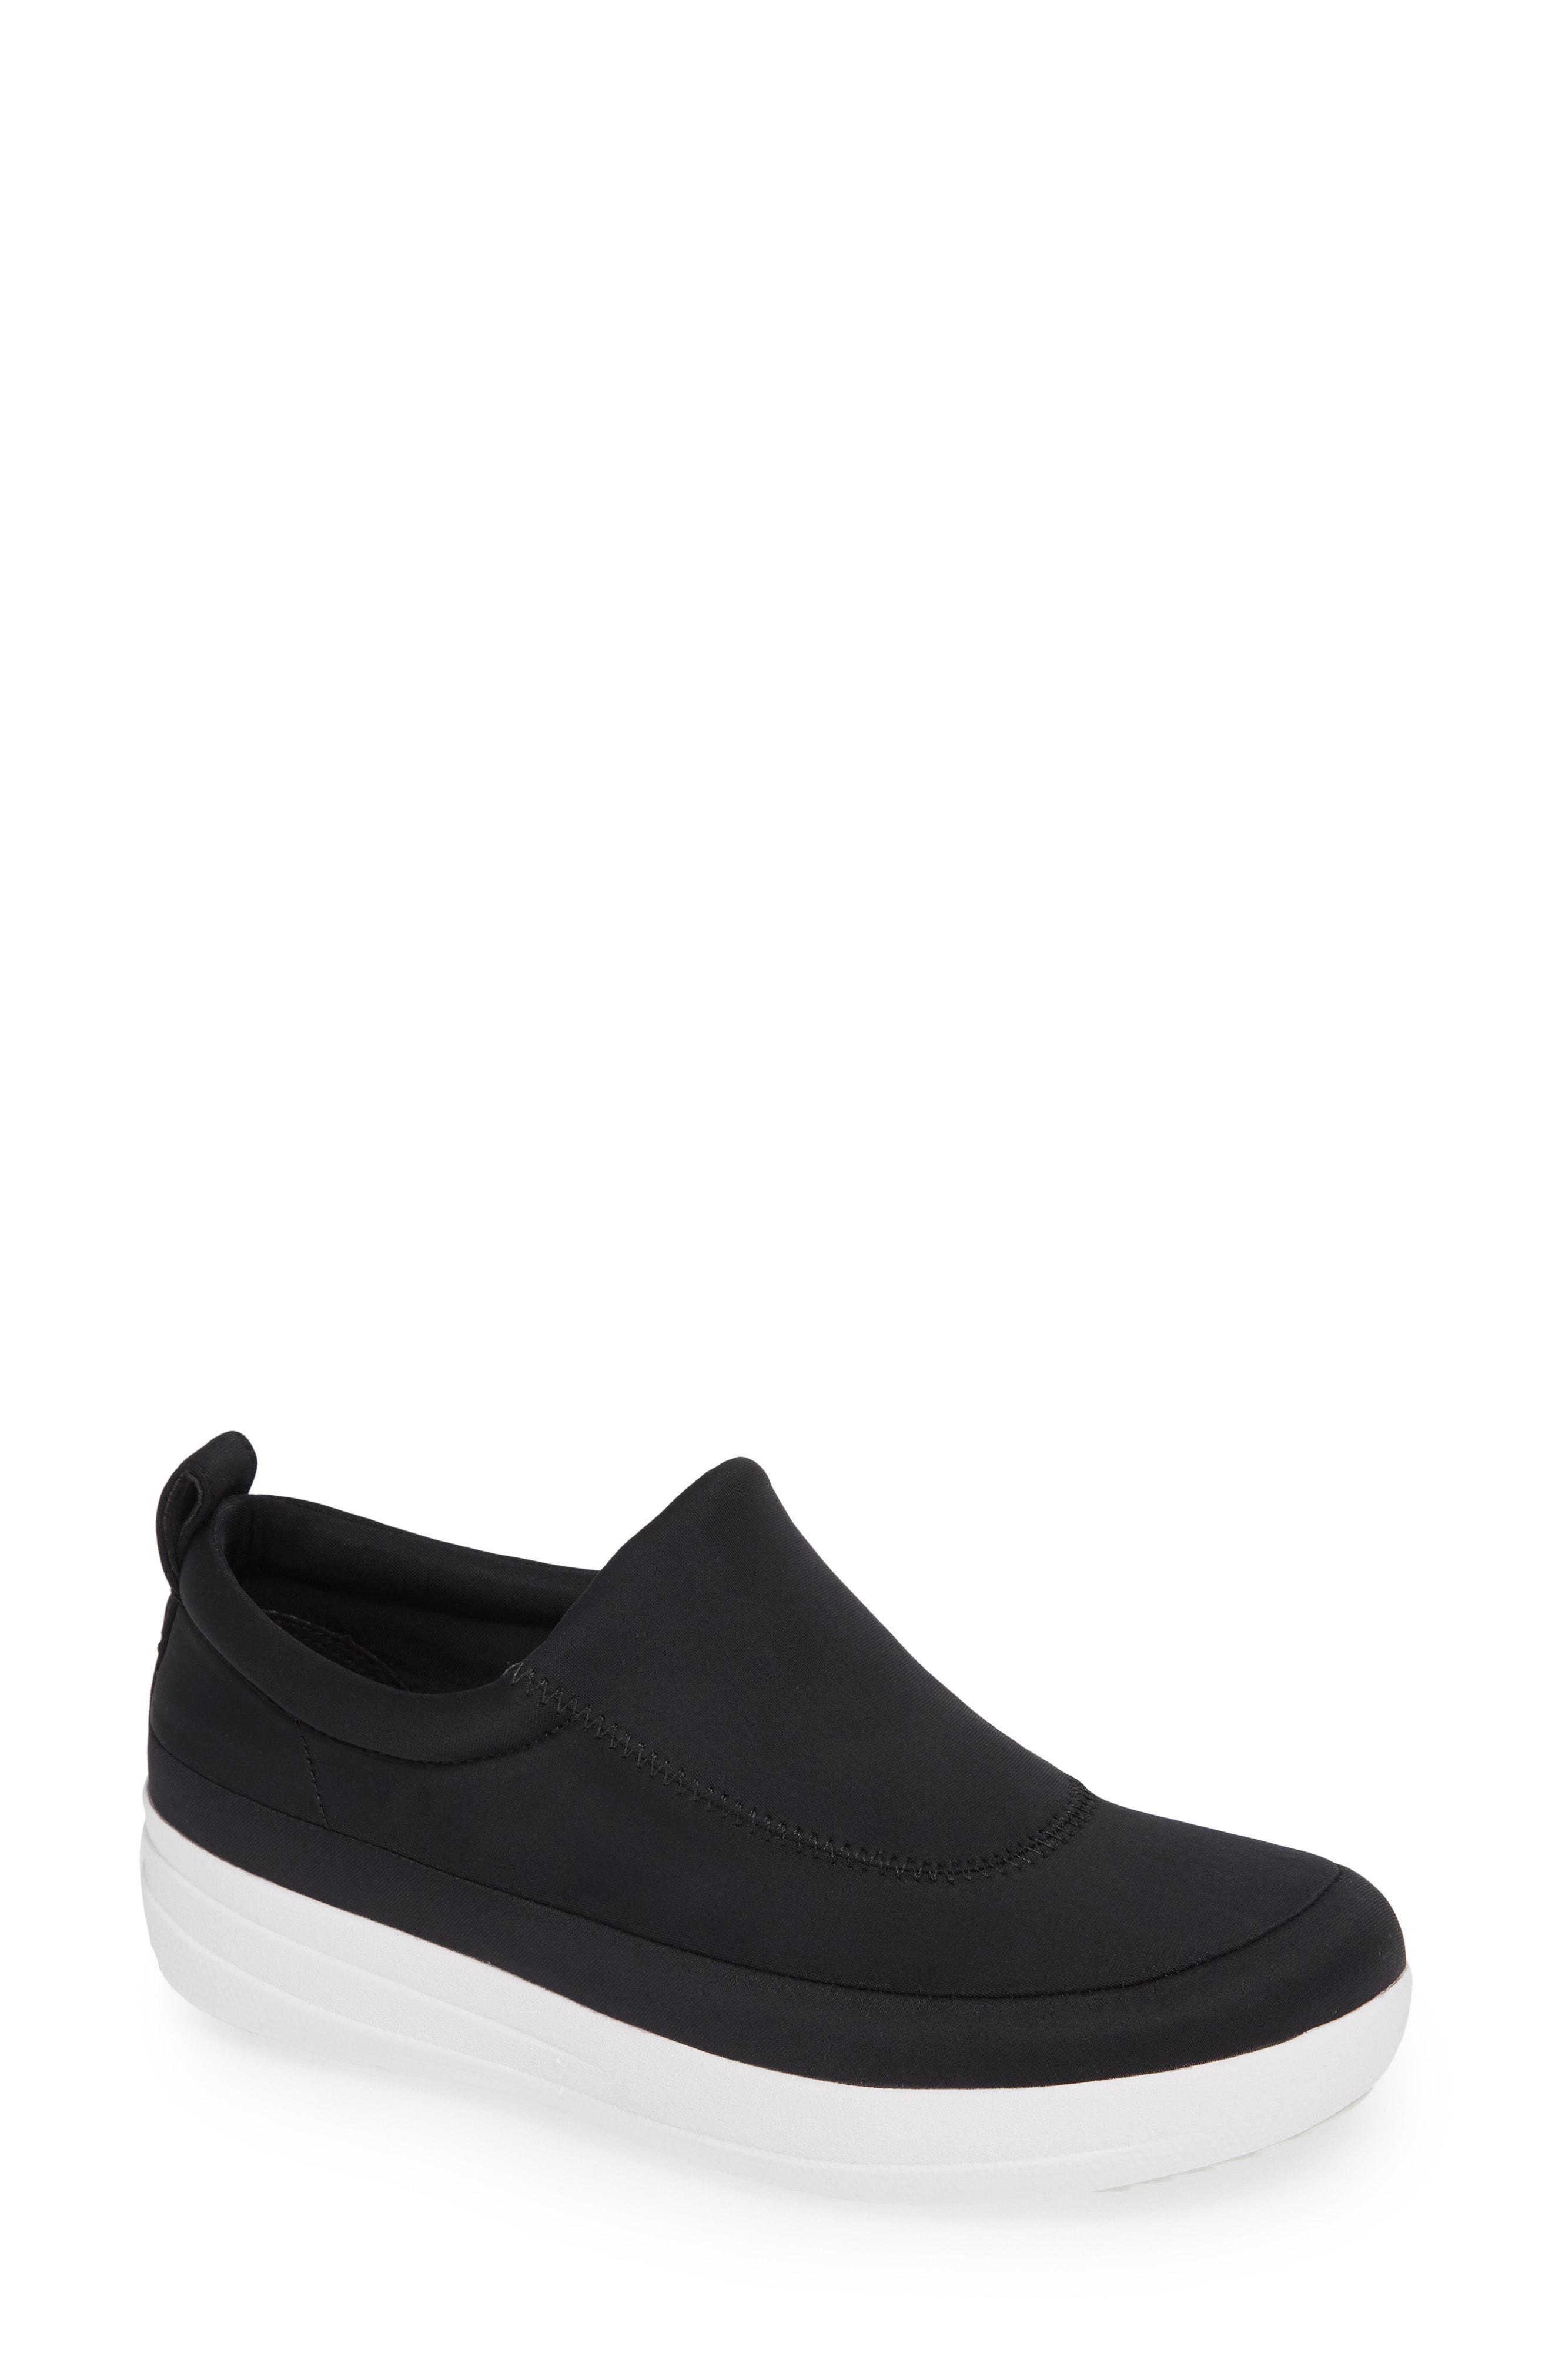 ea3556d32 Lyst - Fitflop Freeflex Slip-on Sneaker in Black